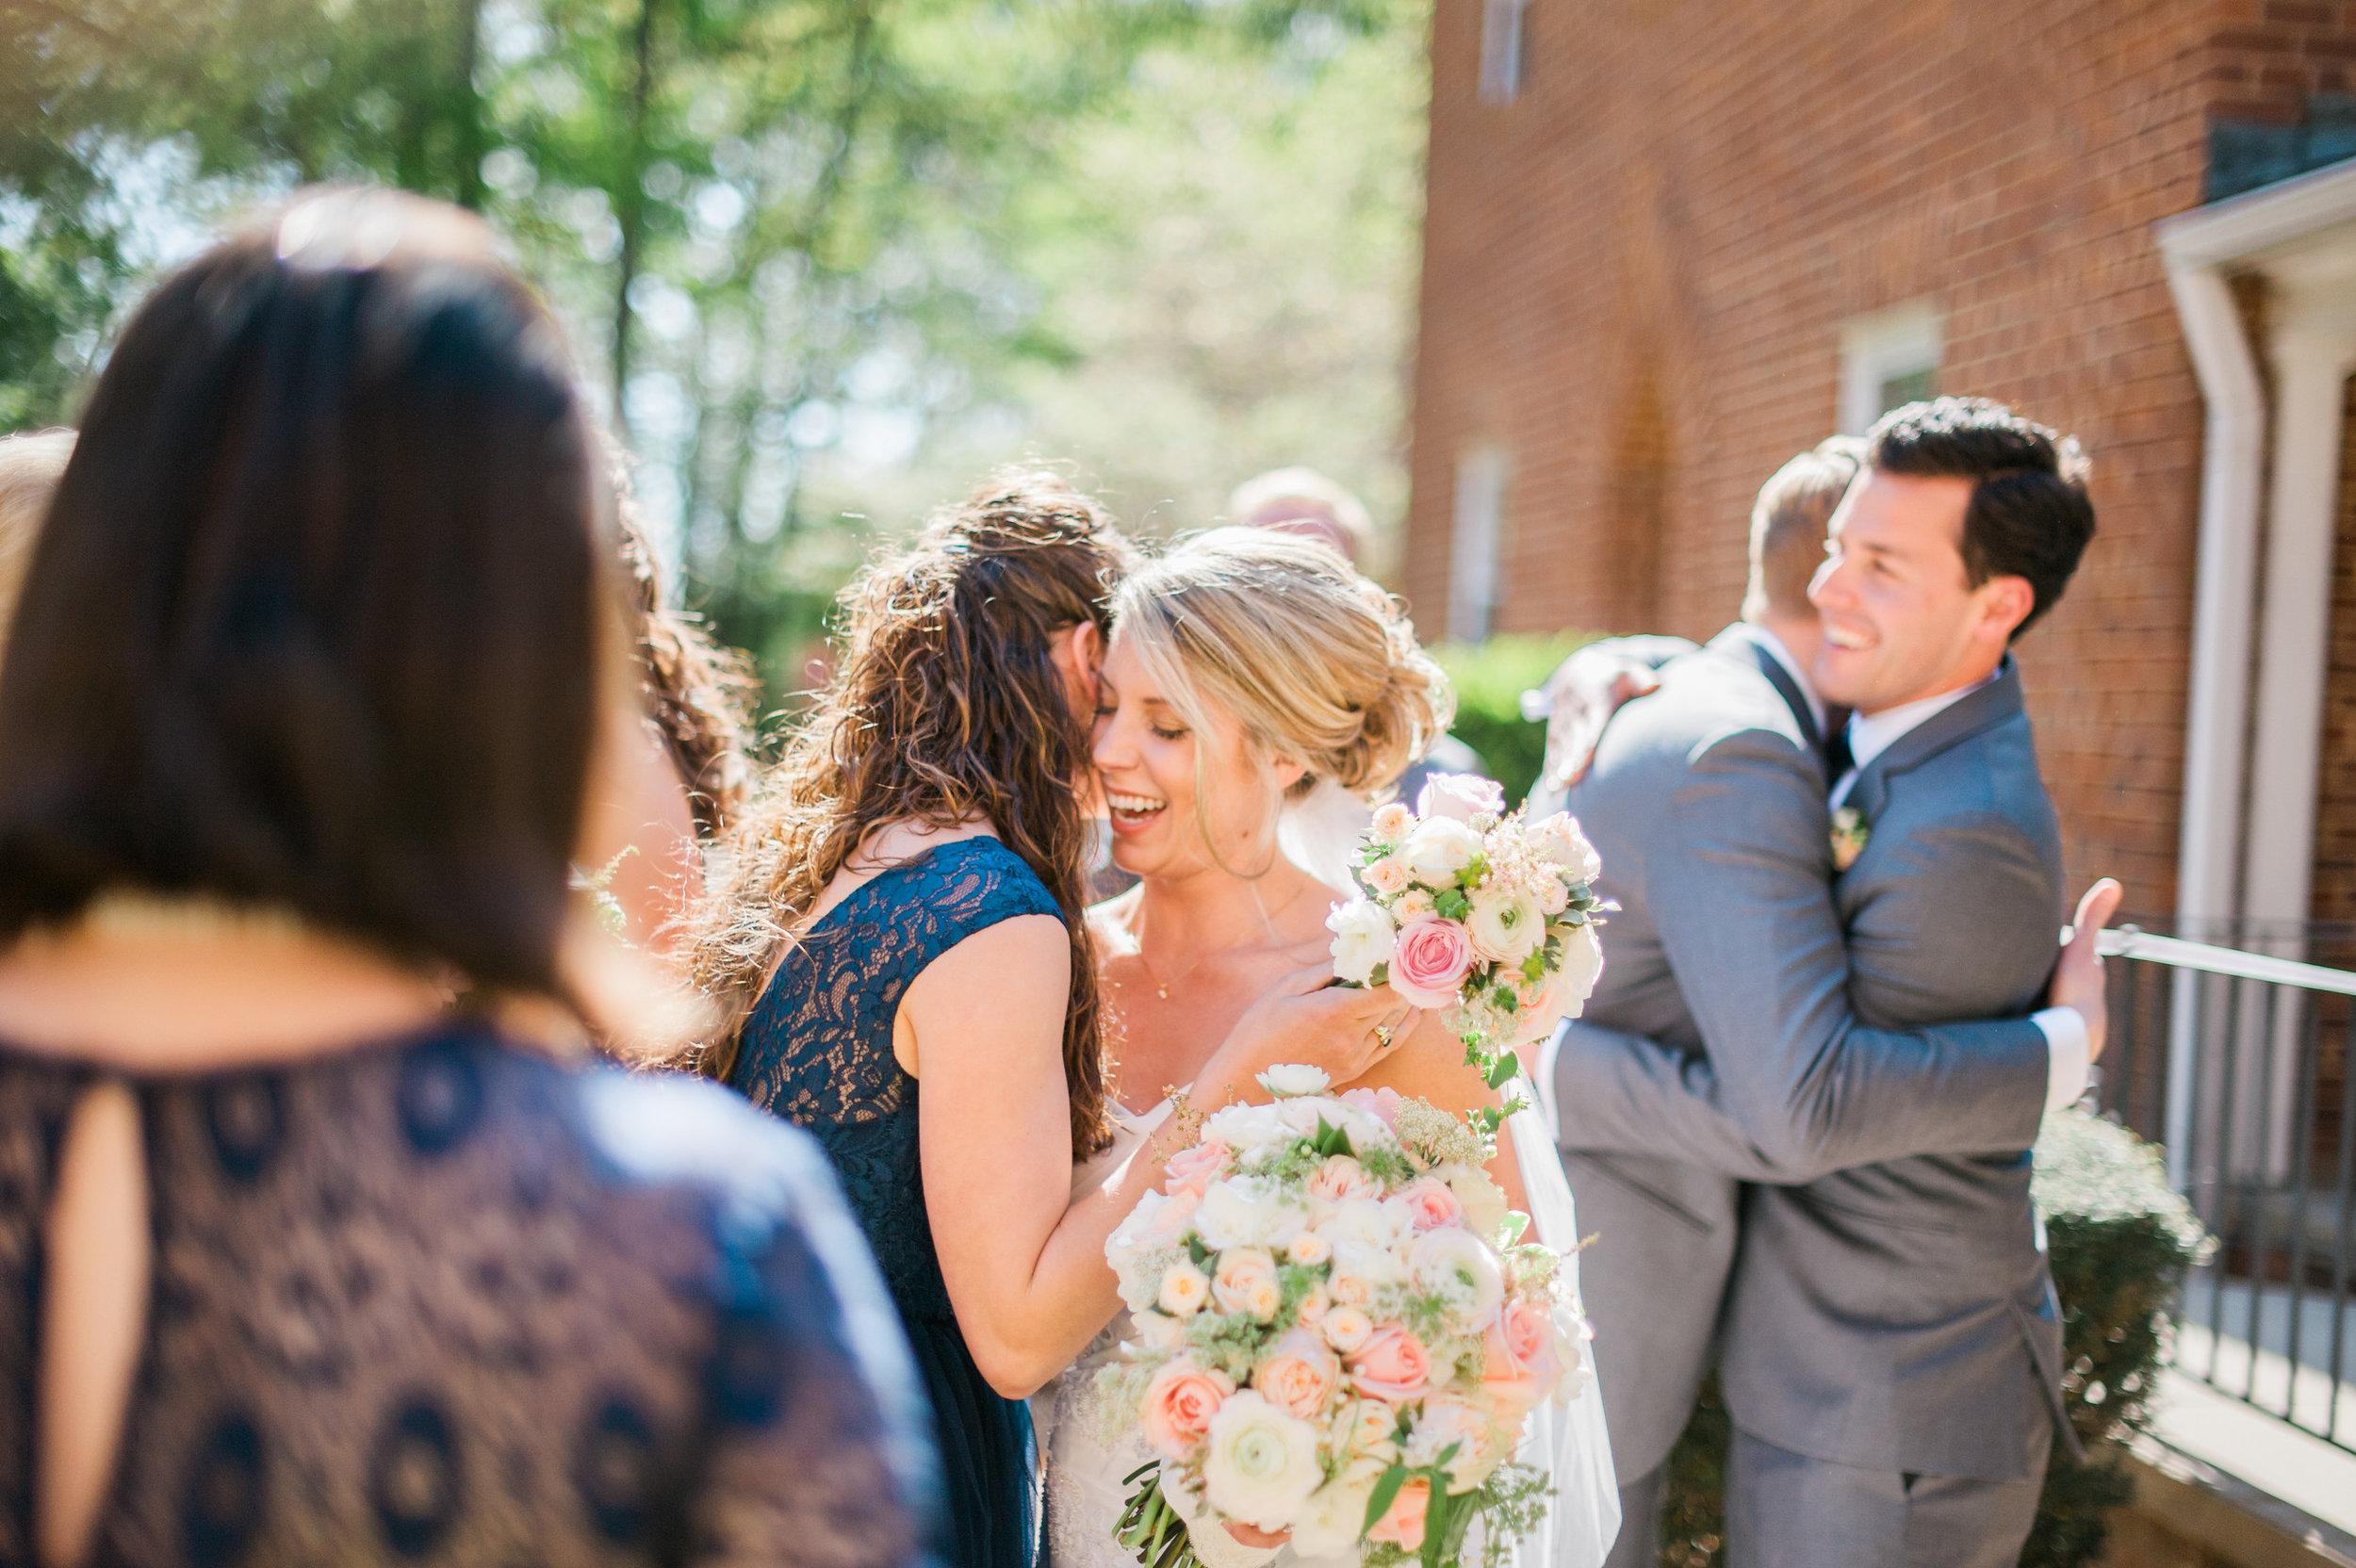 ernst-wedding-251-X5.jpg